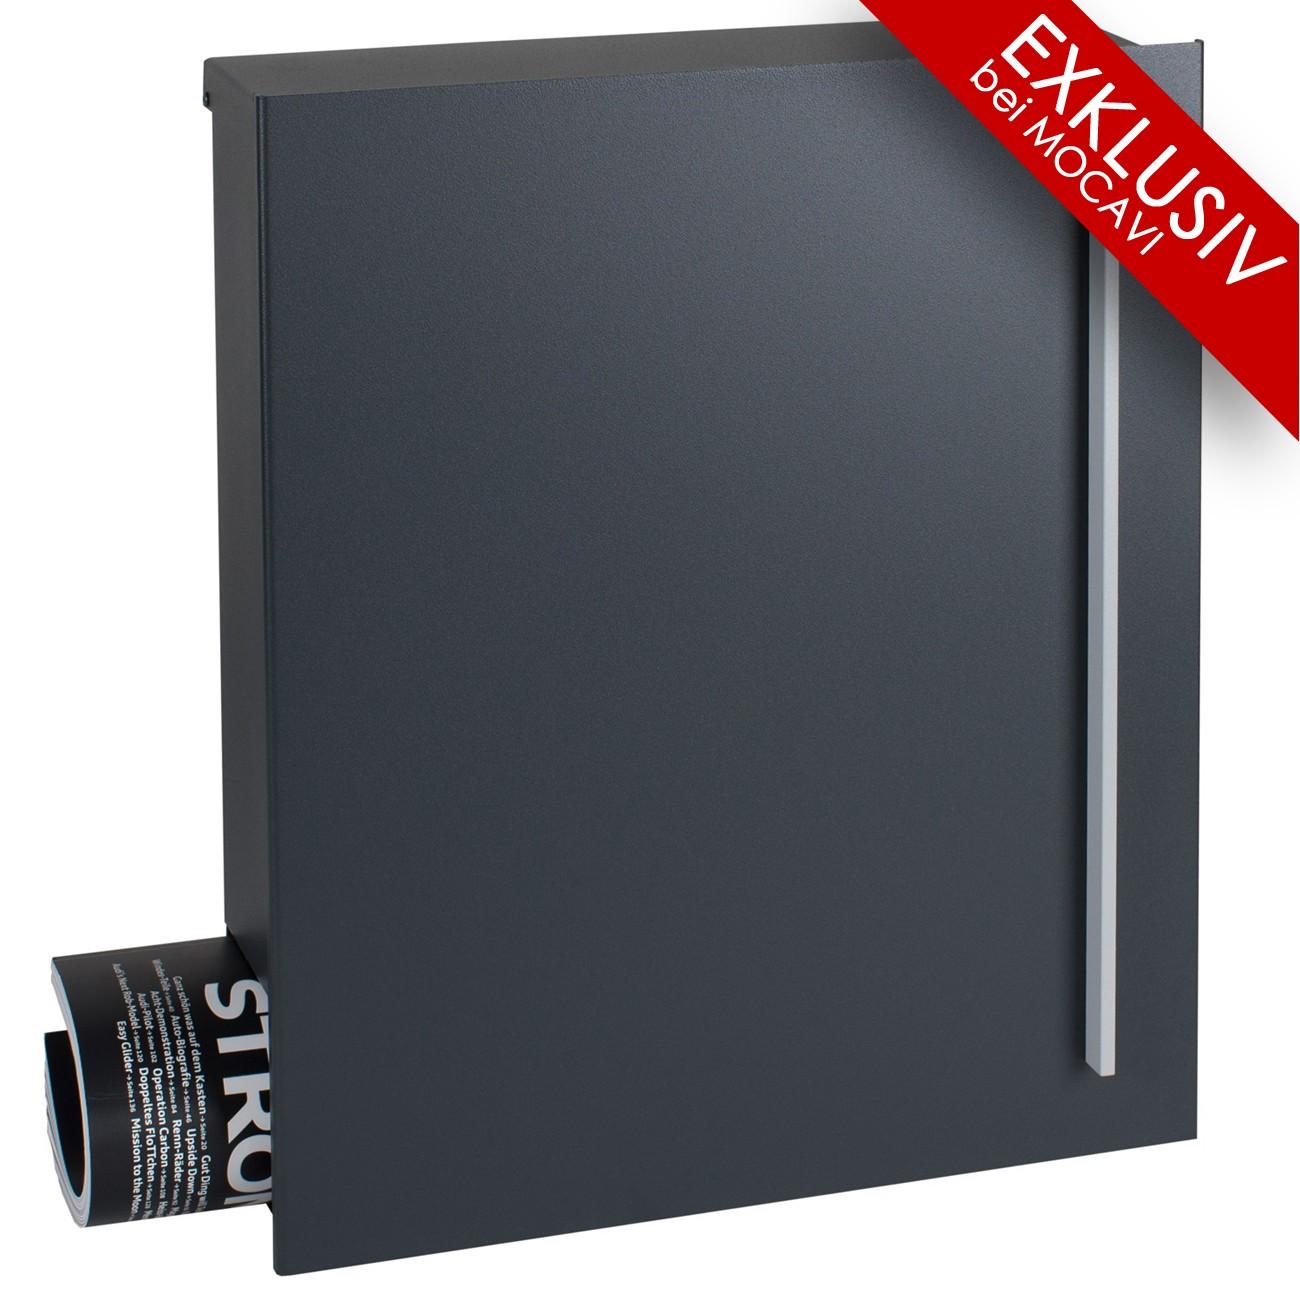 design briefkasten mit zeitungsfach mocavi box 110 anthrazitgrau ral 7016 mit zeitungsfach. Black Bedroom Furniture Sets. Home Design Ideas